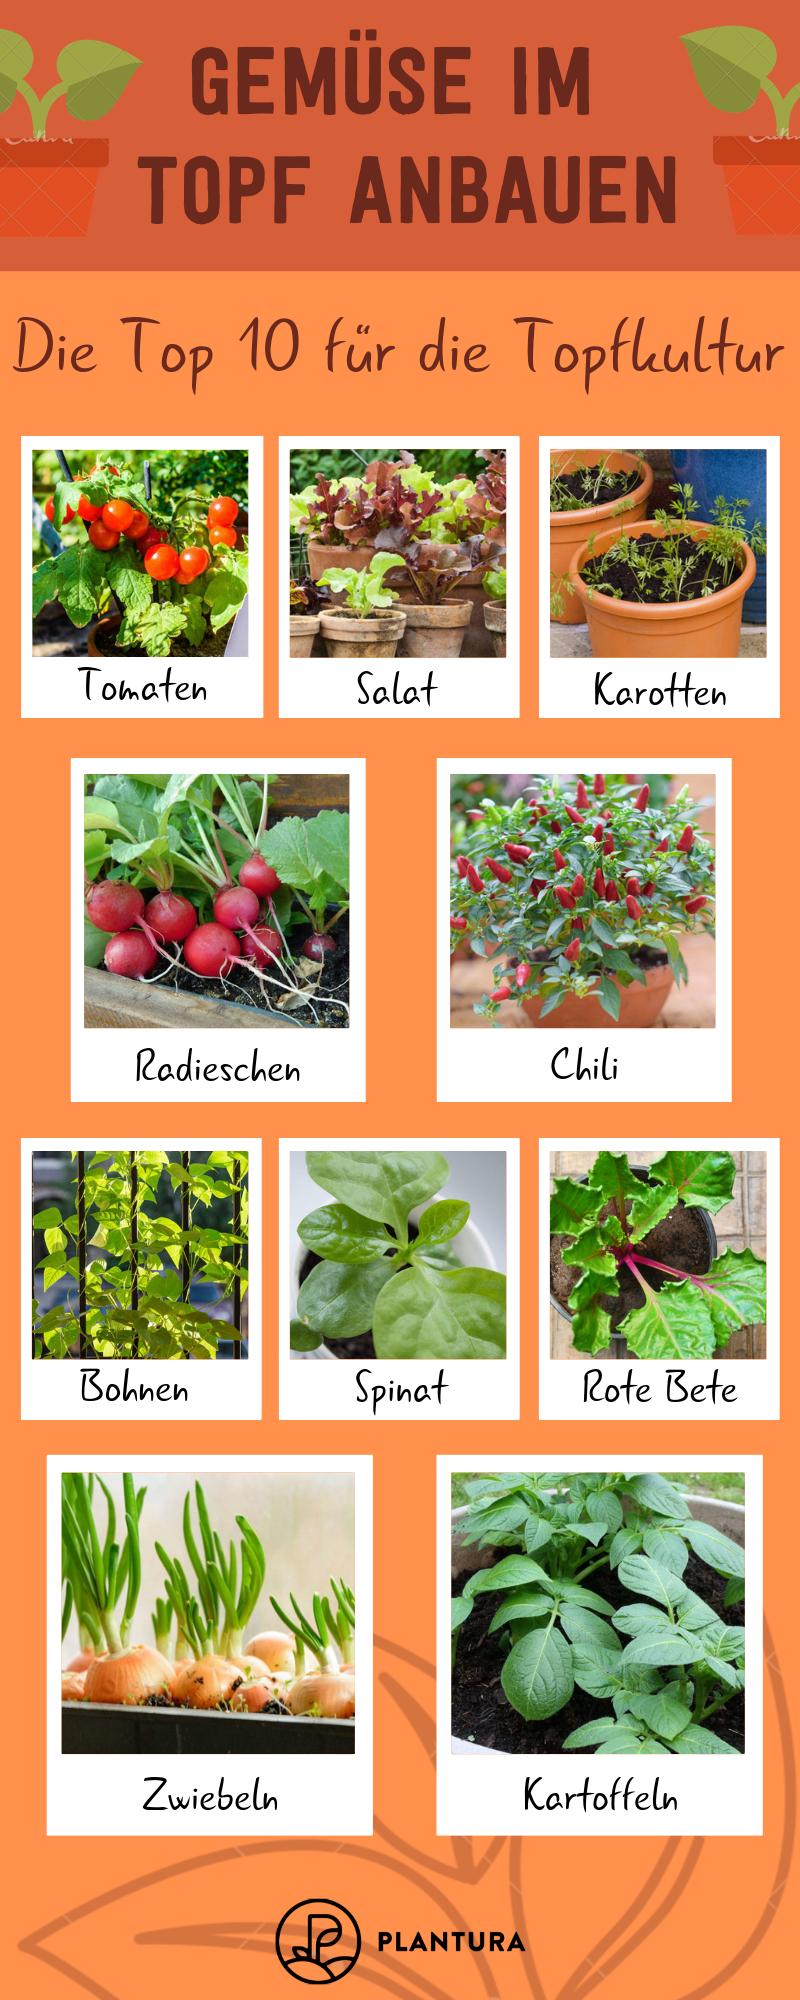 Gemüse im Topf anbauen: Die 10 besten Sorten für die Topfkultur #howtogrowplants